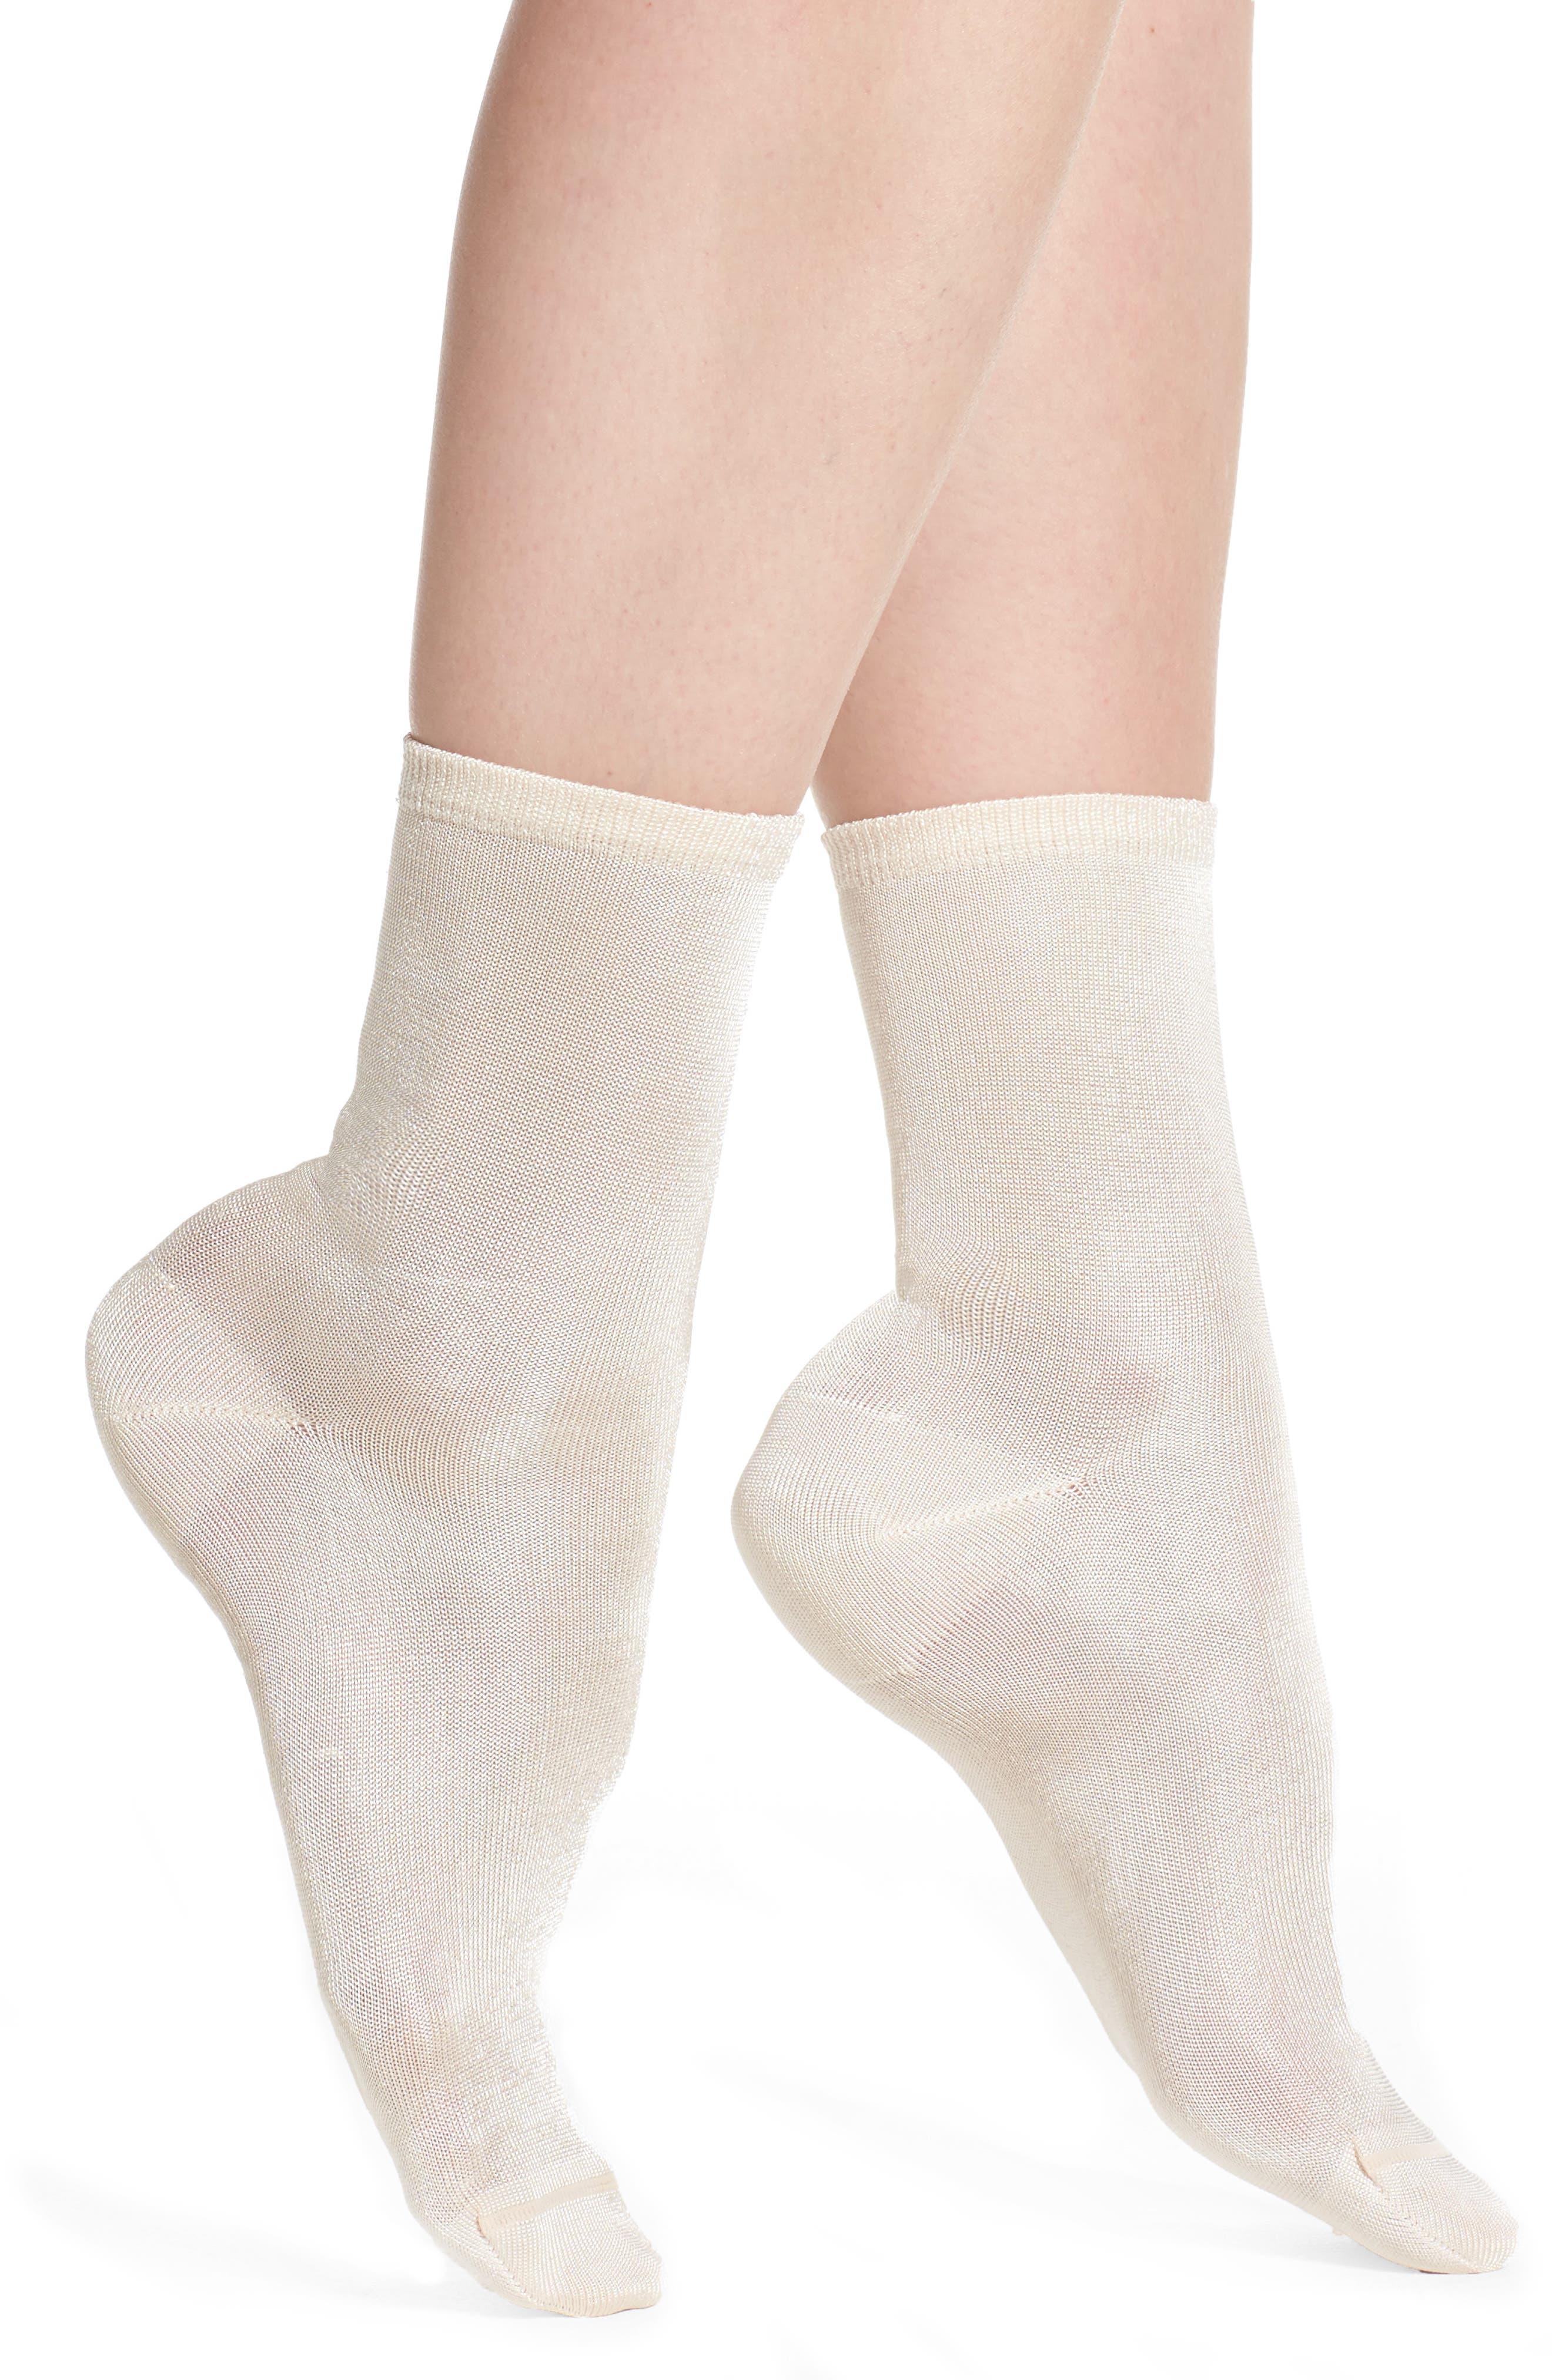 Chelsea28 Sweetly Sheer Ankle Socks